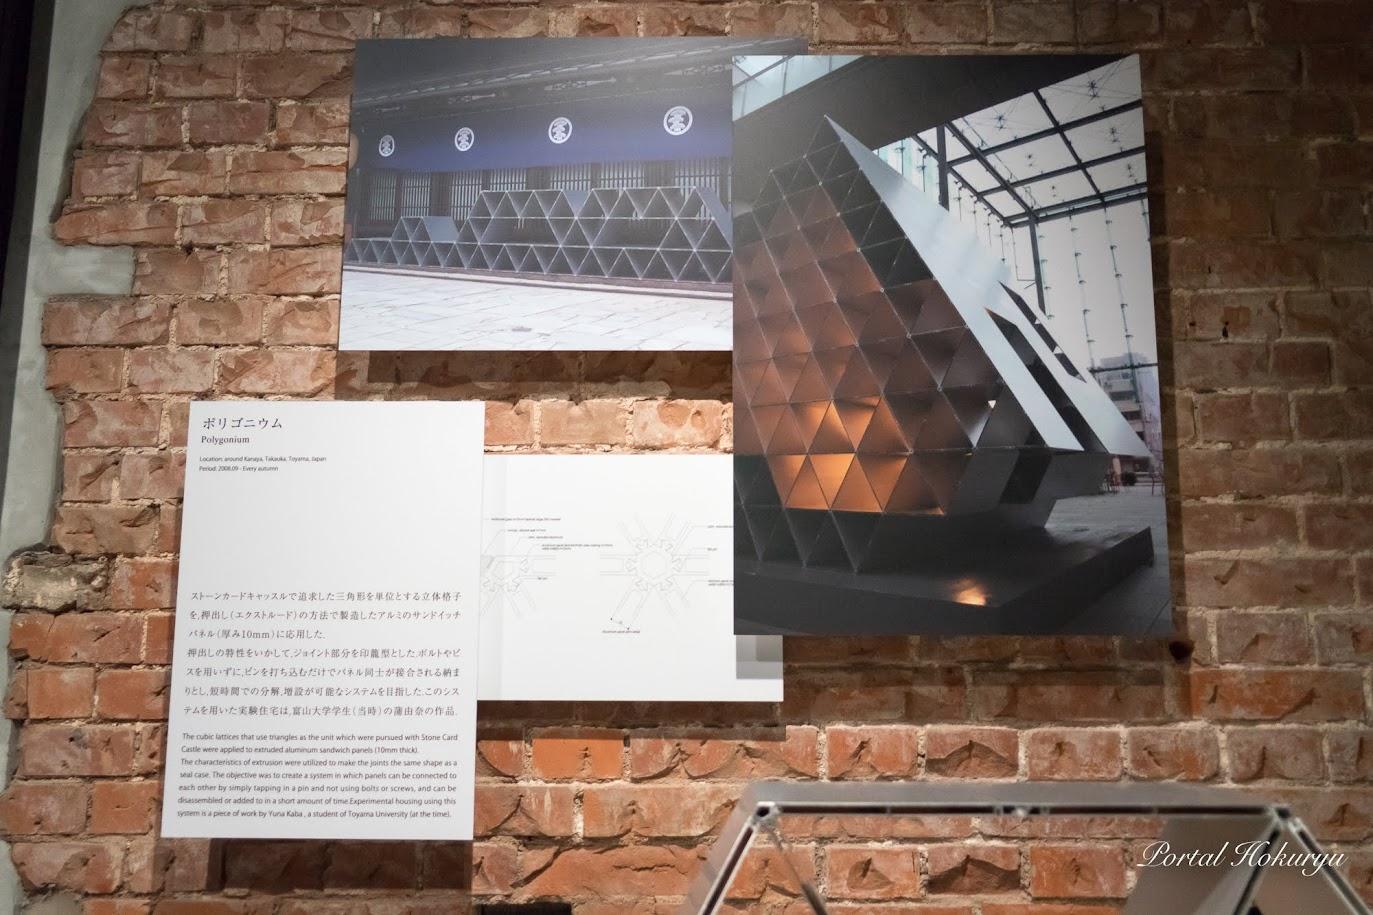 「くまのものー隈研吾とささやく物質、かたる物質」展覧会